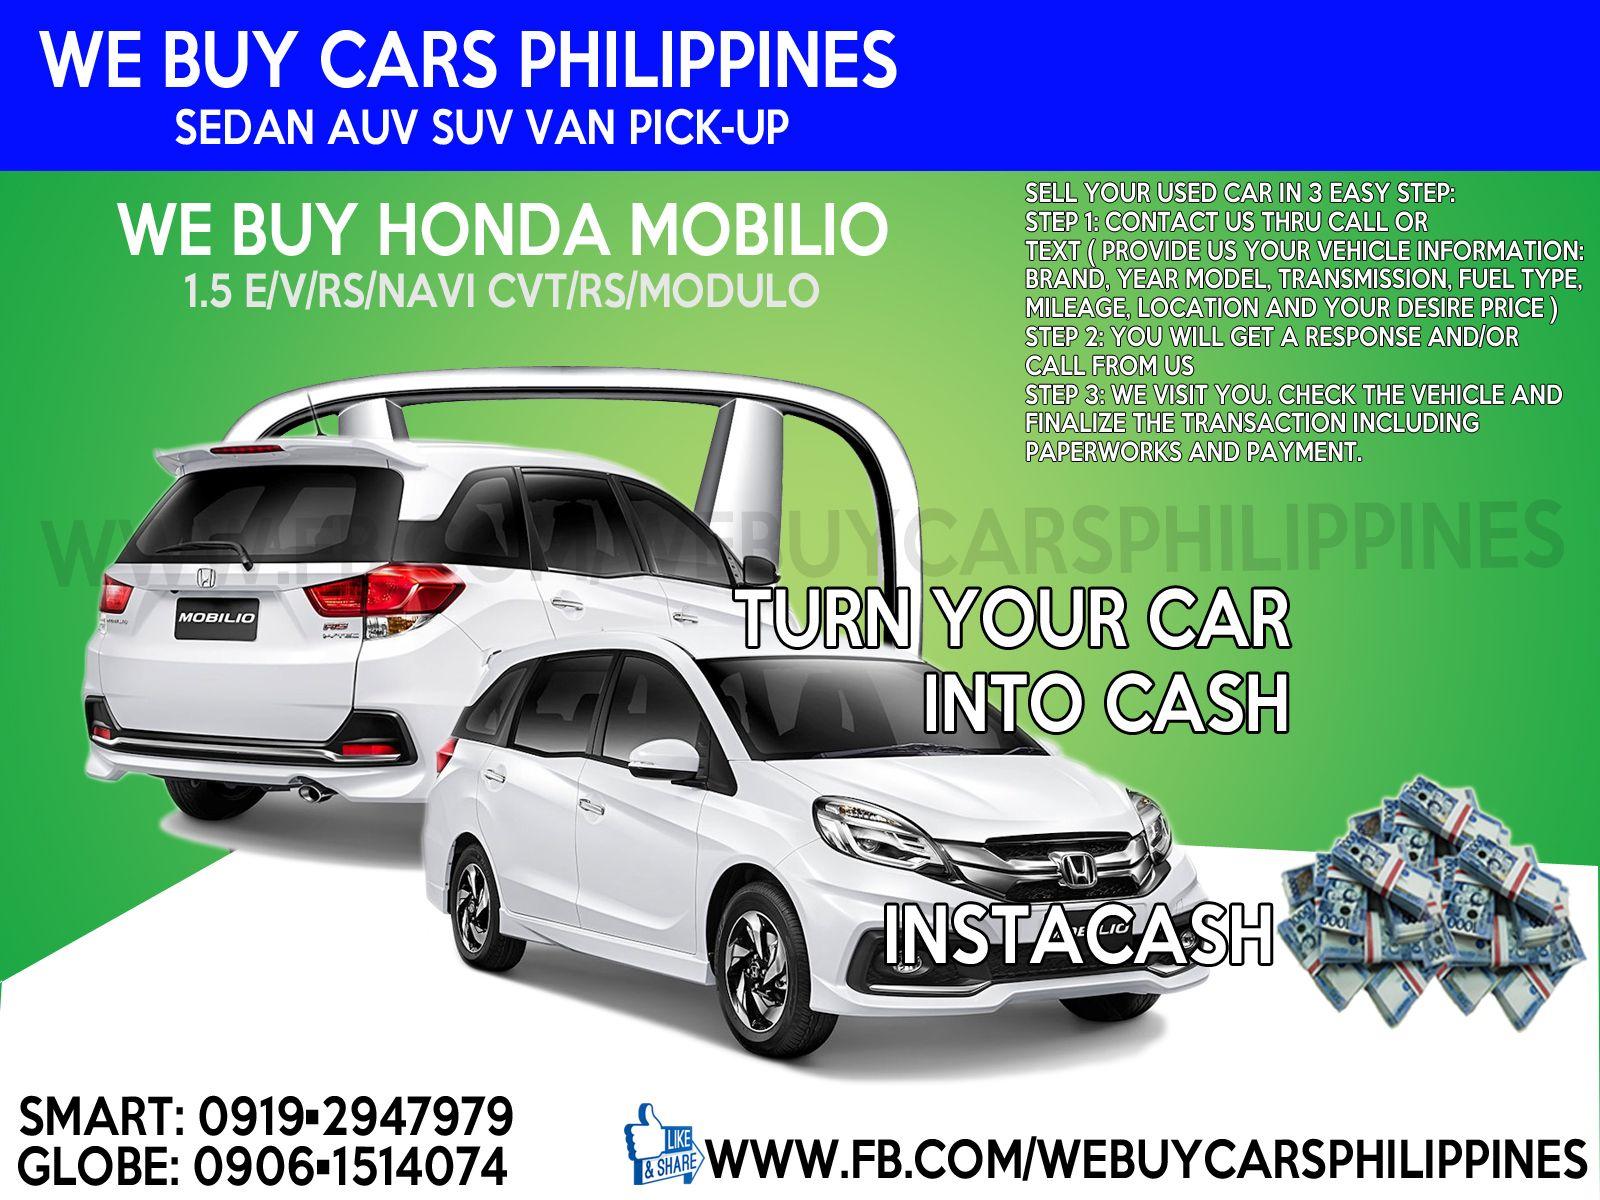 We Buy Used Isuzu Car Philippines Dmax FB Flexiqube | BUYING USED ...